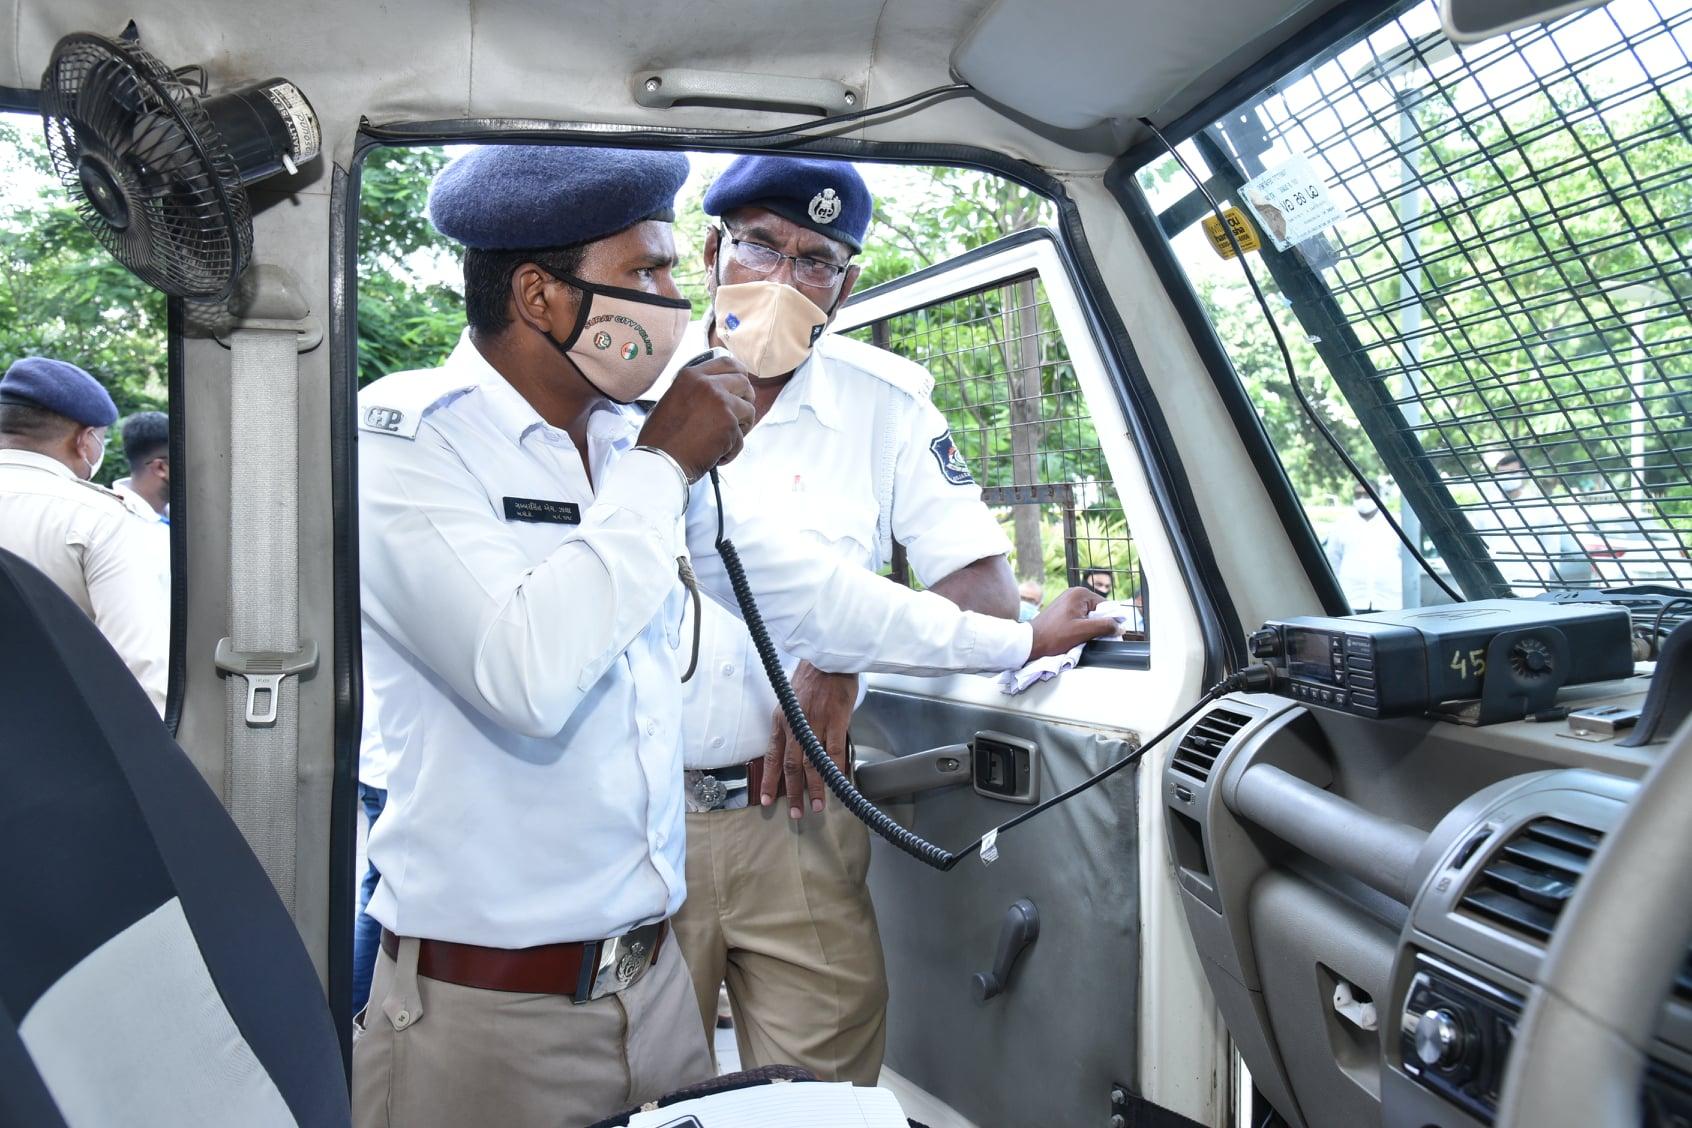 ઓગર્ન લઇ જતા સમયે પોલીસ રૂટ ક્લિયર કરાવે છે,